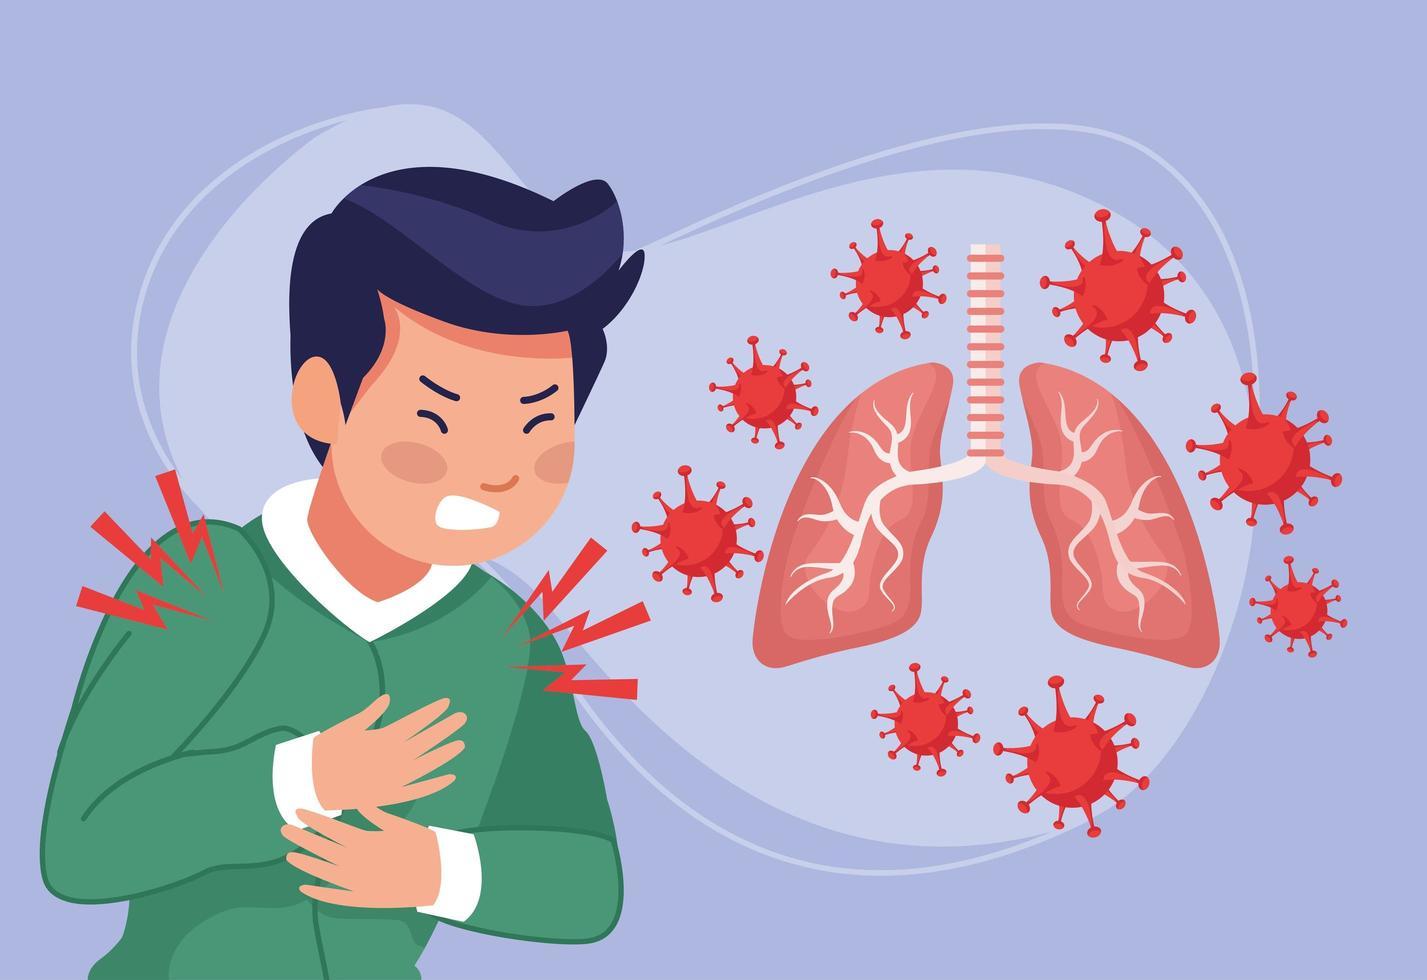 jovem doente com dores no peito e pulmões vetor